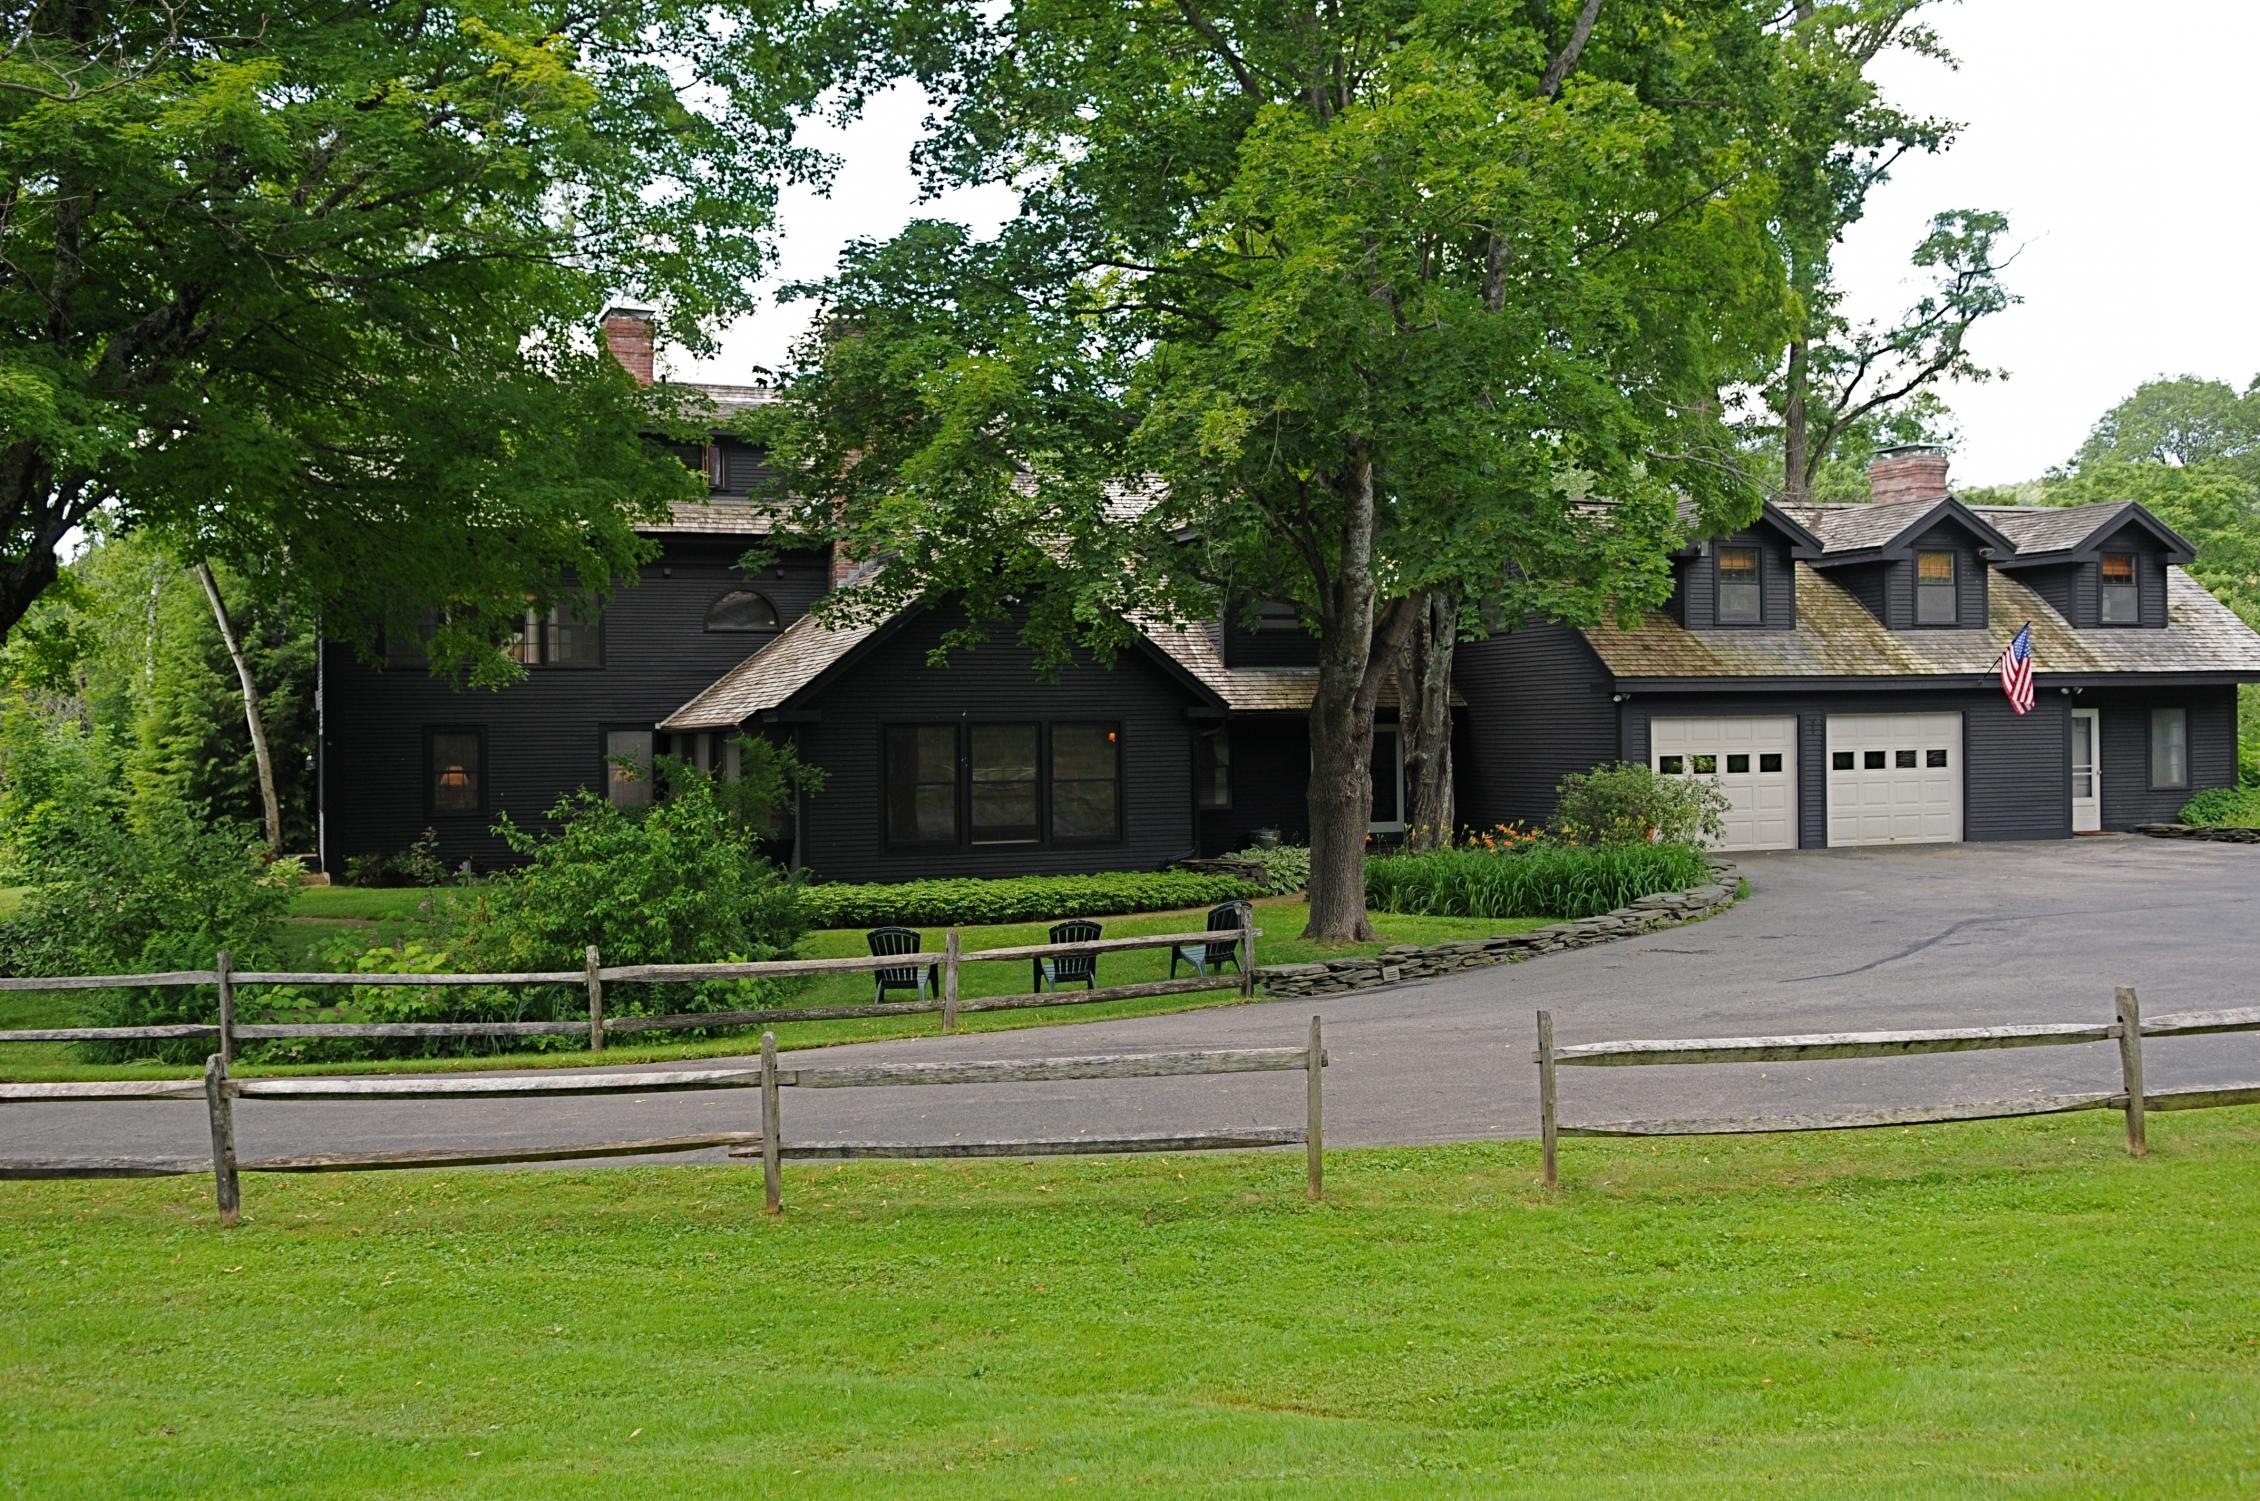 Maison unifamiliale pour l Vente à 914 Main Street, Waitsfield Waitsfield, Vermont 05673 États-Unis